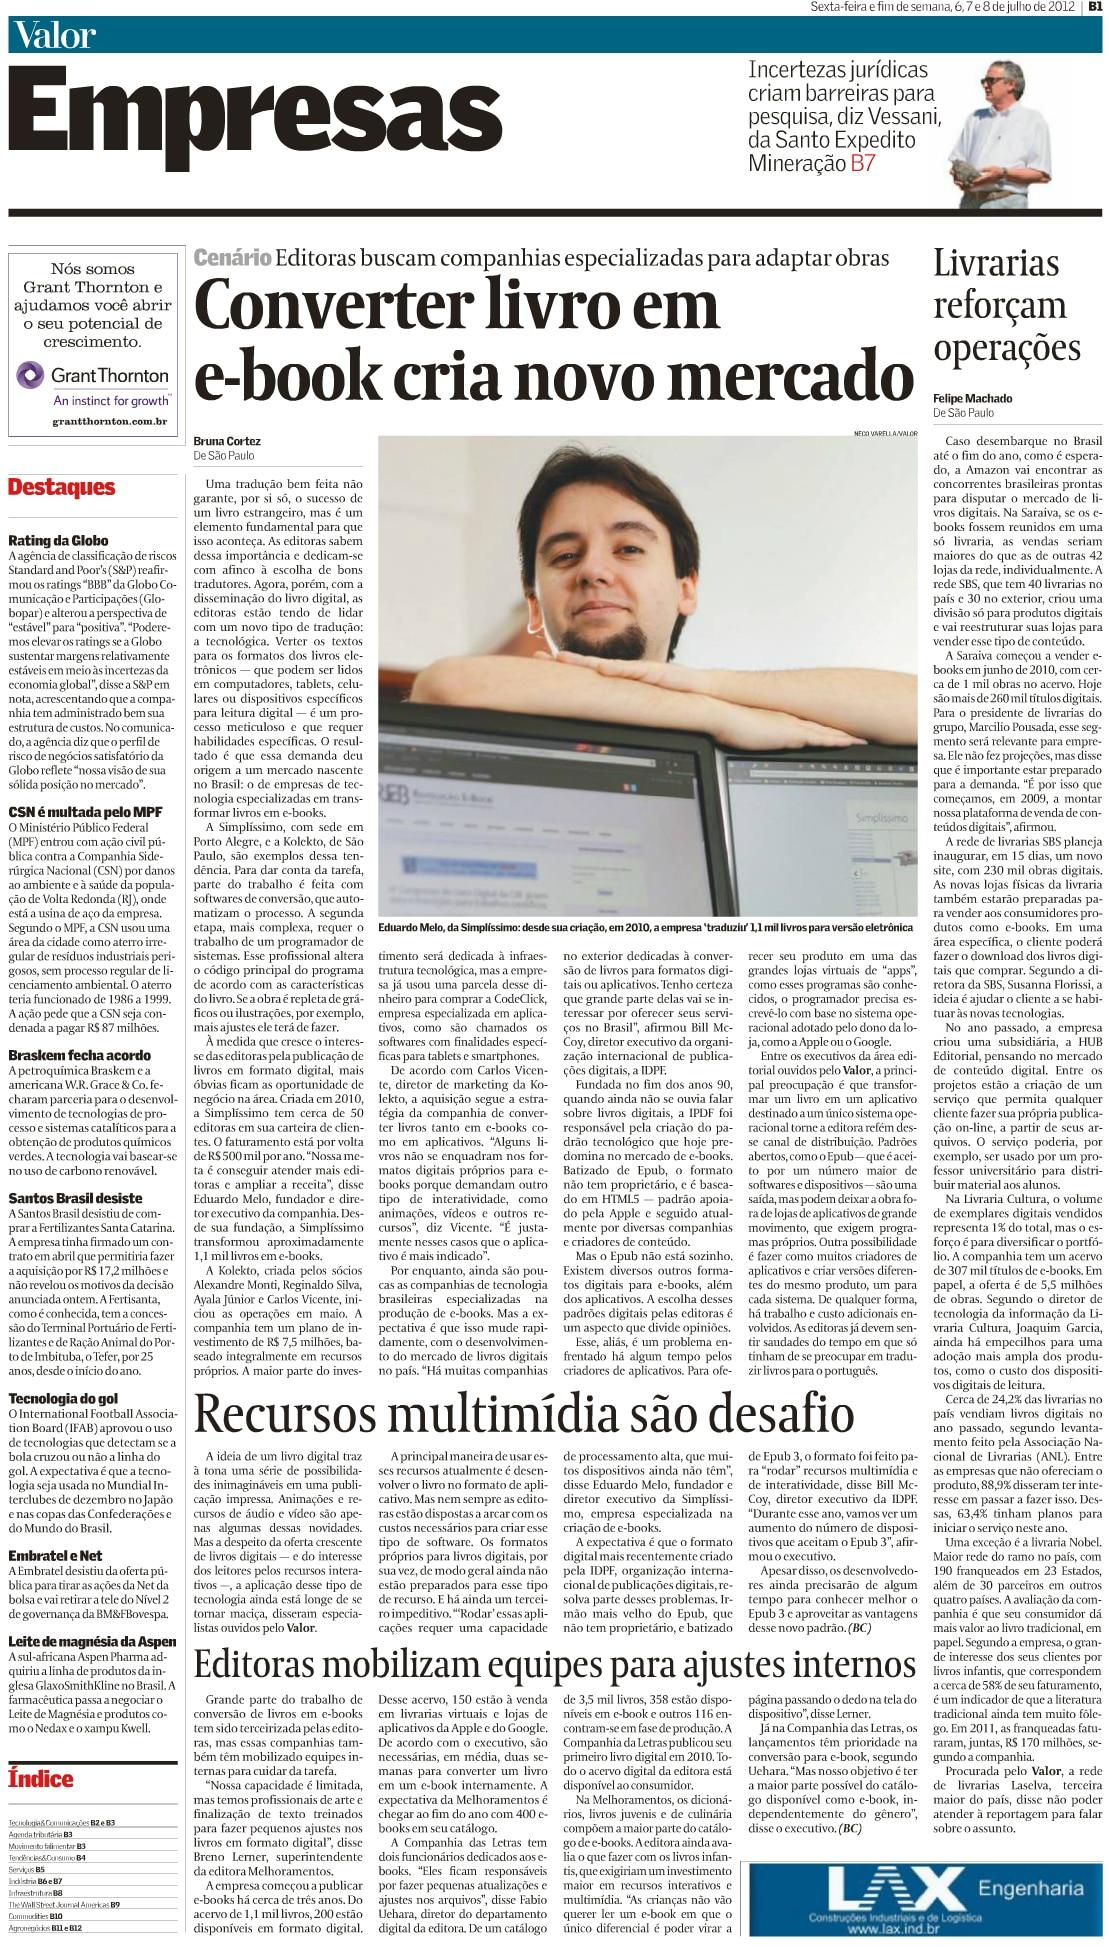 Matéria no jornal Valor Econômico - 07/2012